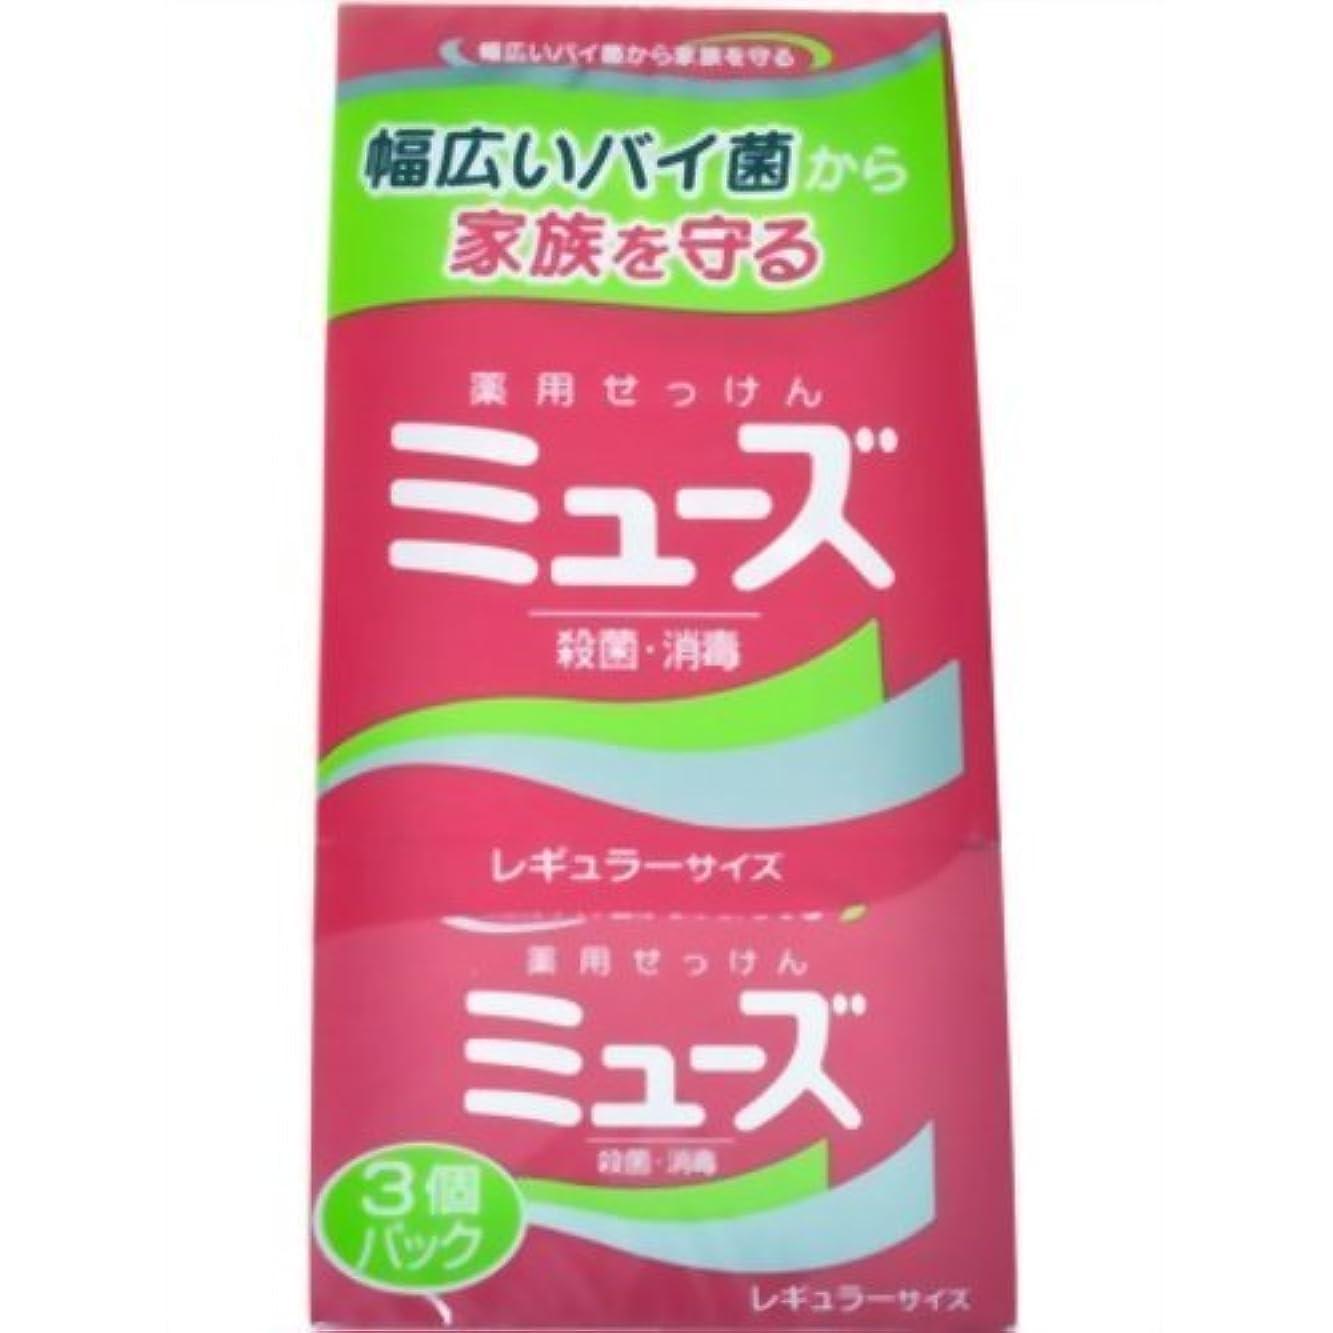 優しい模倣汚染するミューズ石鹸 レギュラー 3P ×10個セット